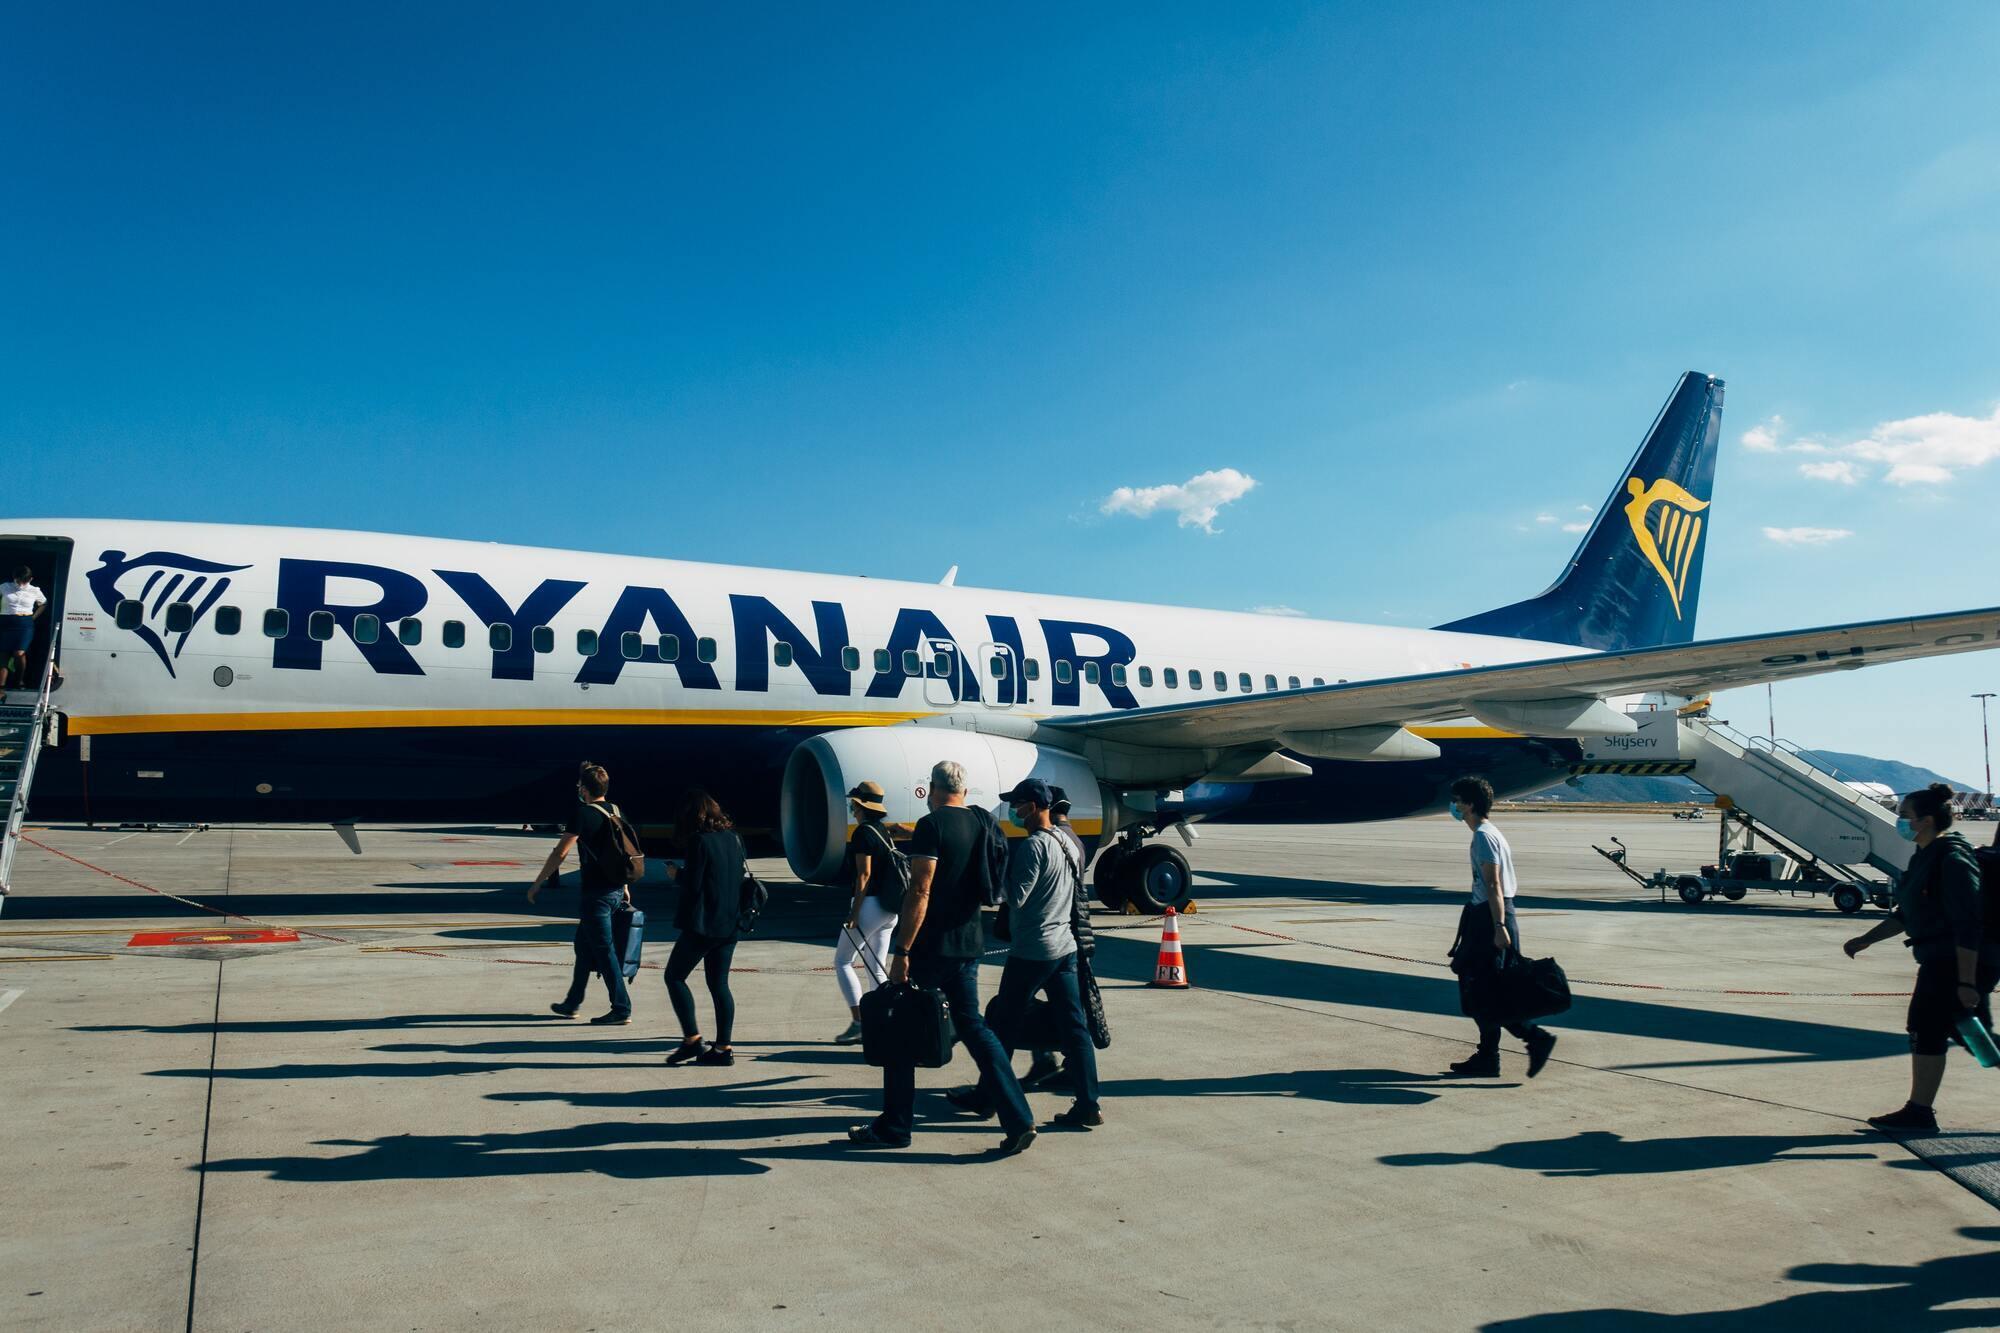 Вартість Priority Boarding у авіаперевізника Ryanair становить 6-14 євро